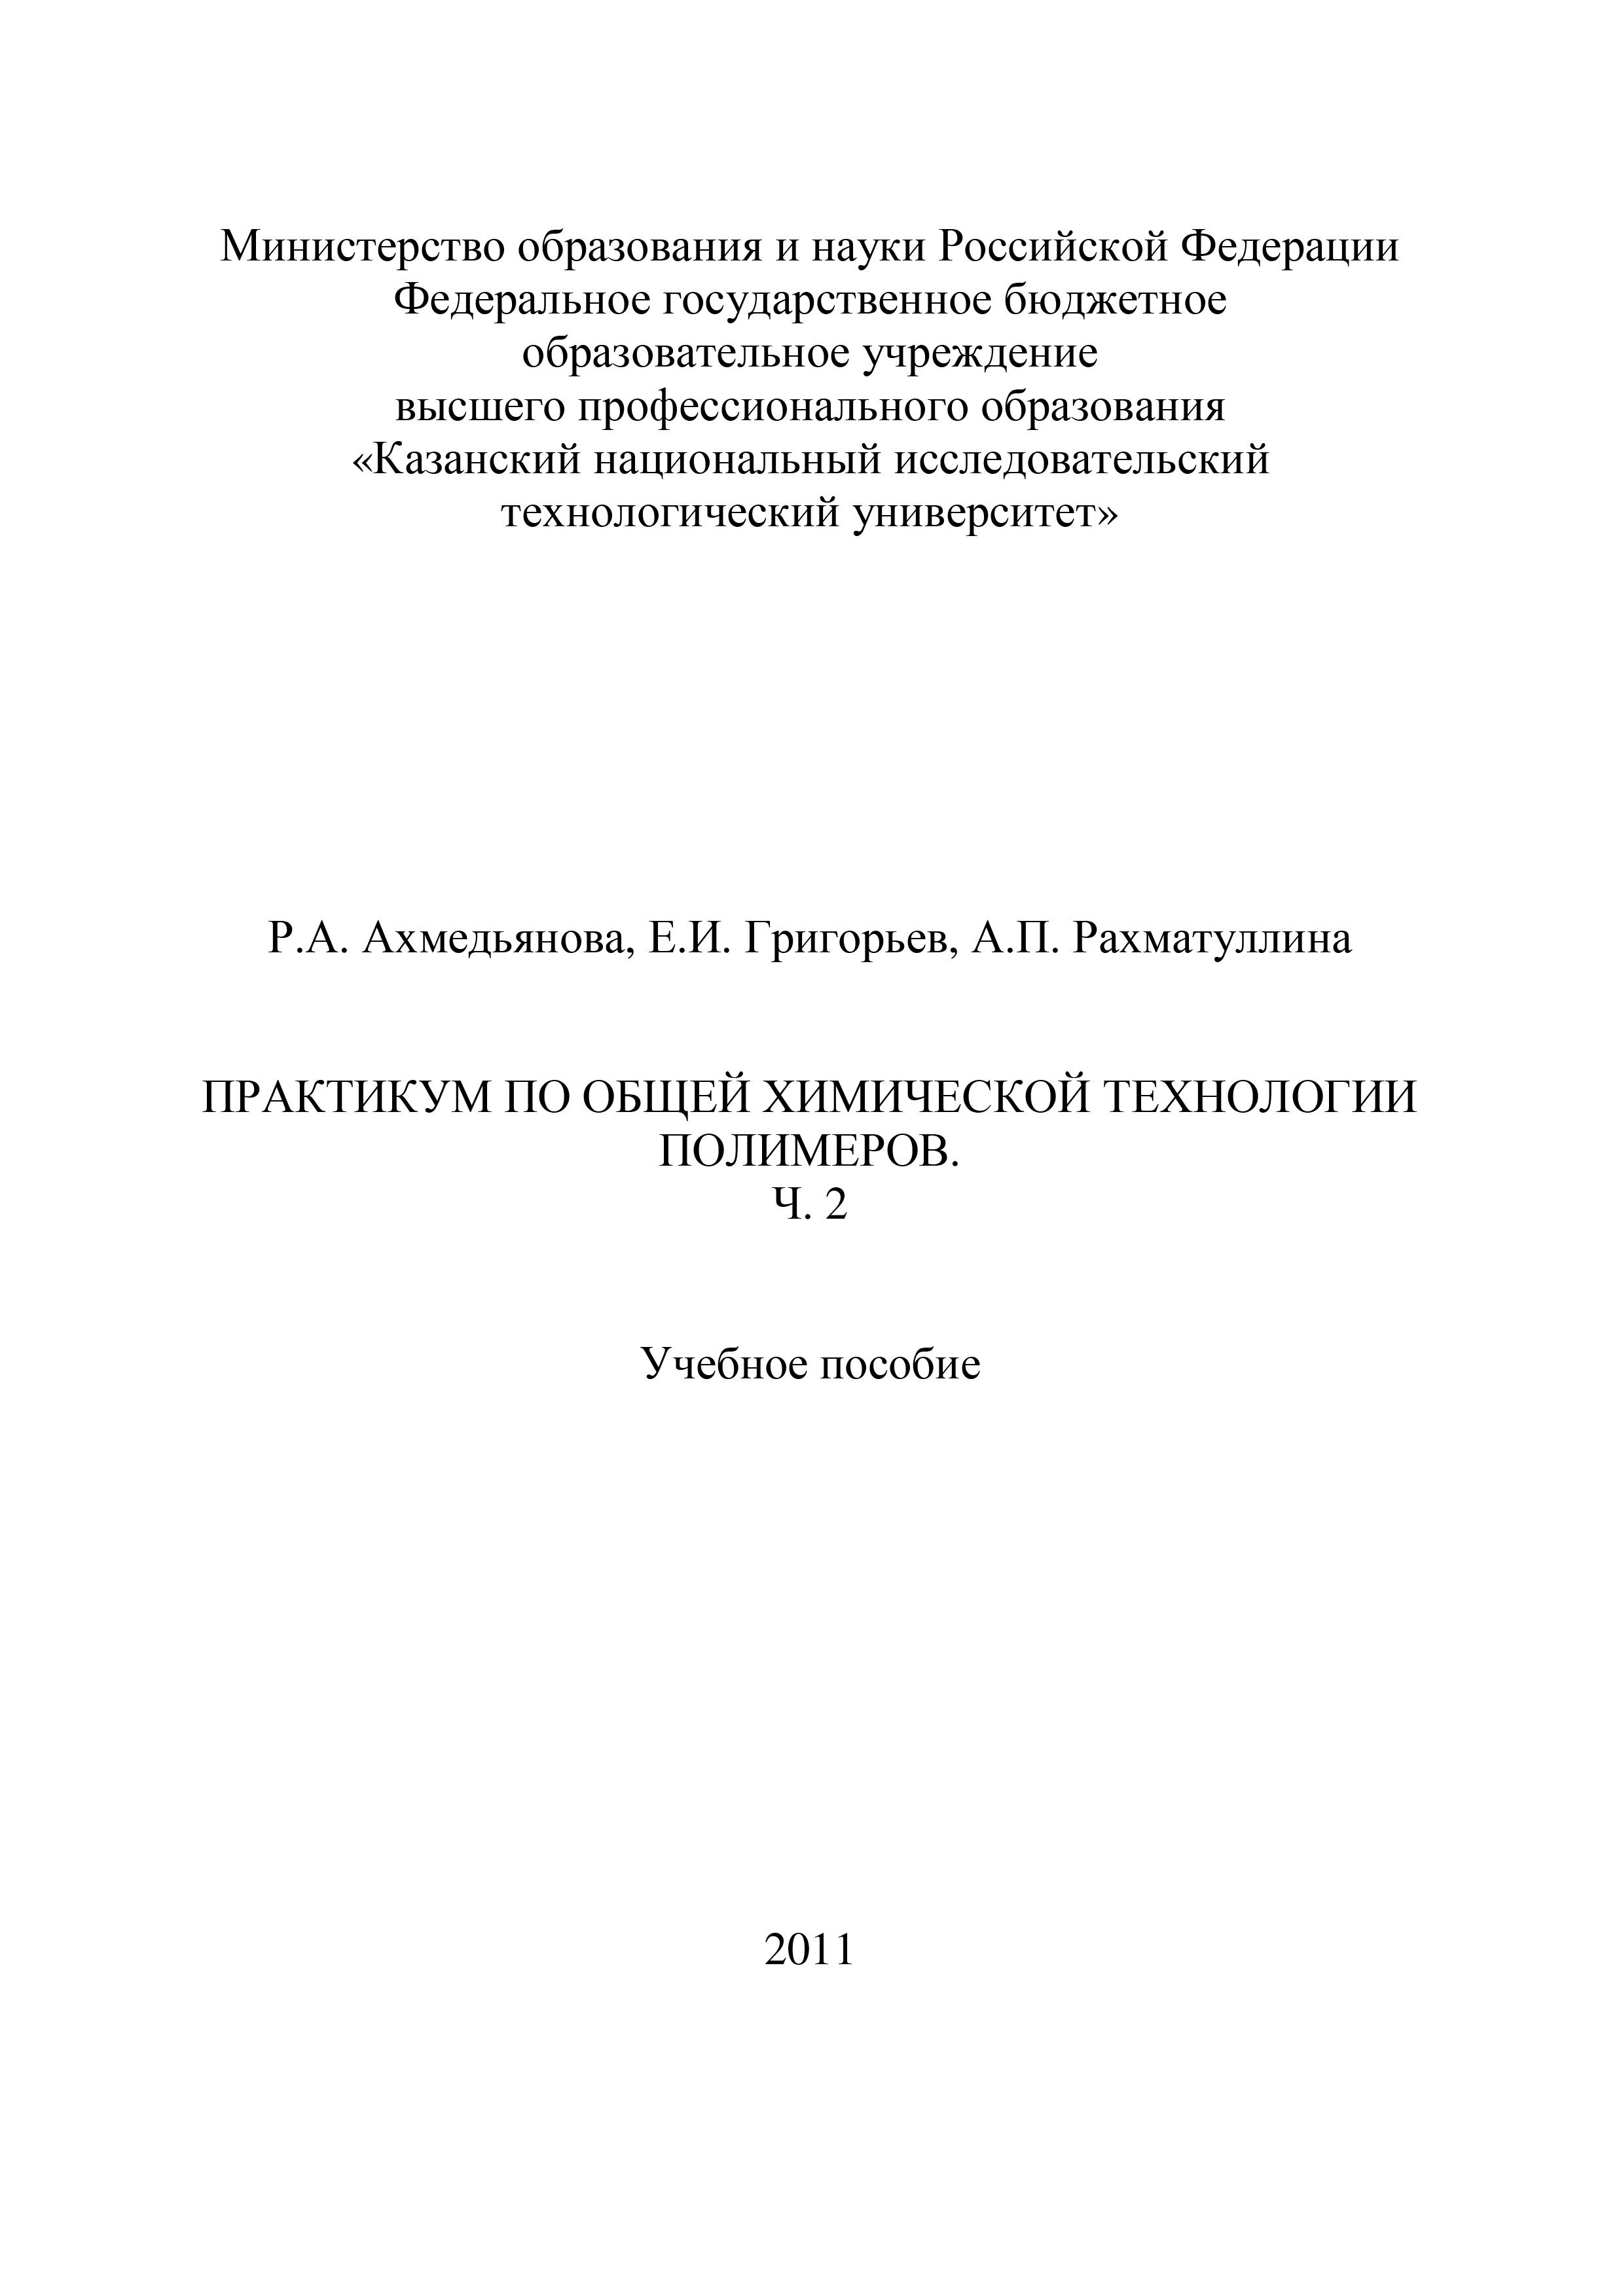 Р. А. Ахмедьянова Практикум по общей химической технологии полимеров. Часть 2 основы общей методики